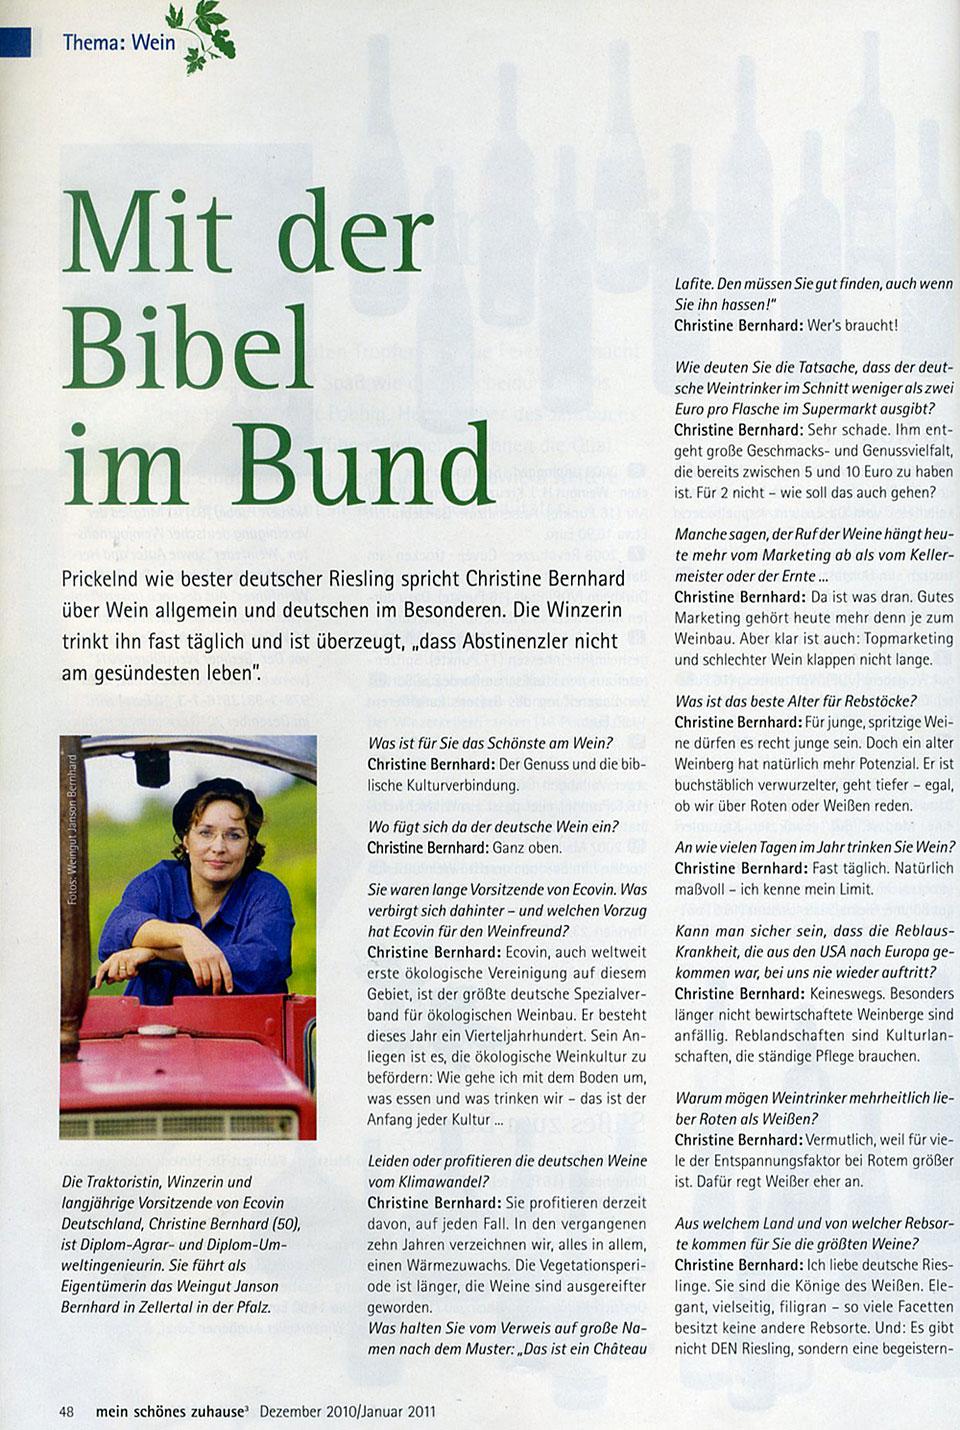 """Mit der Bibel im Bund"""" – mein schönes zuhause – Weingut Janson Bernhard"""